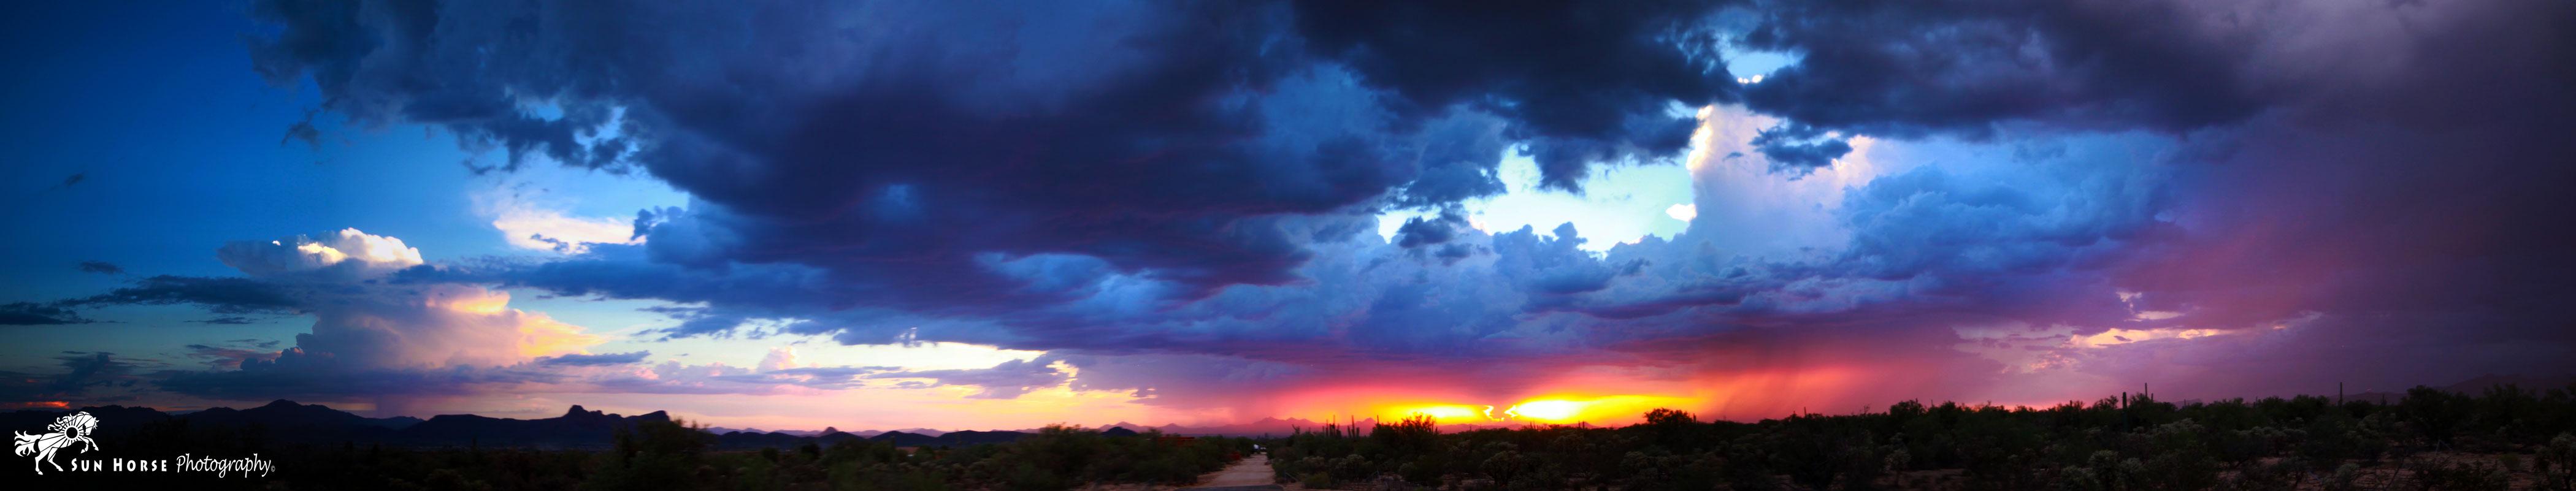 sunset0814pan